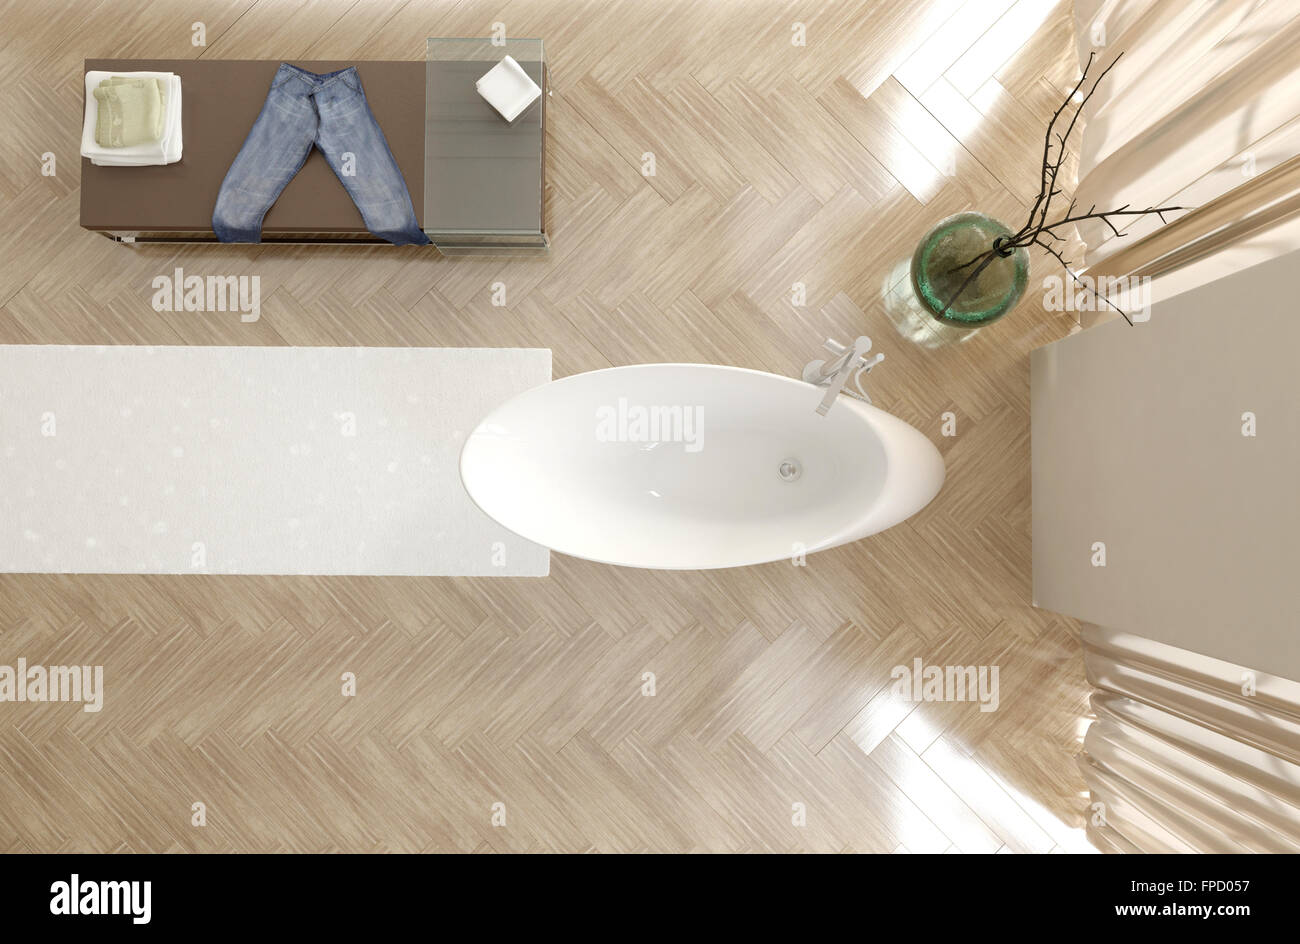 draufsicht auf ein modernes badezimmer interieur mit modernen ovale wei e badewanne fischgr t. Black Bedroom Furniture Sets. Home Design Ideas